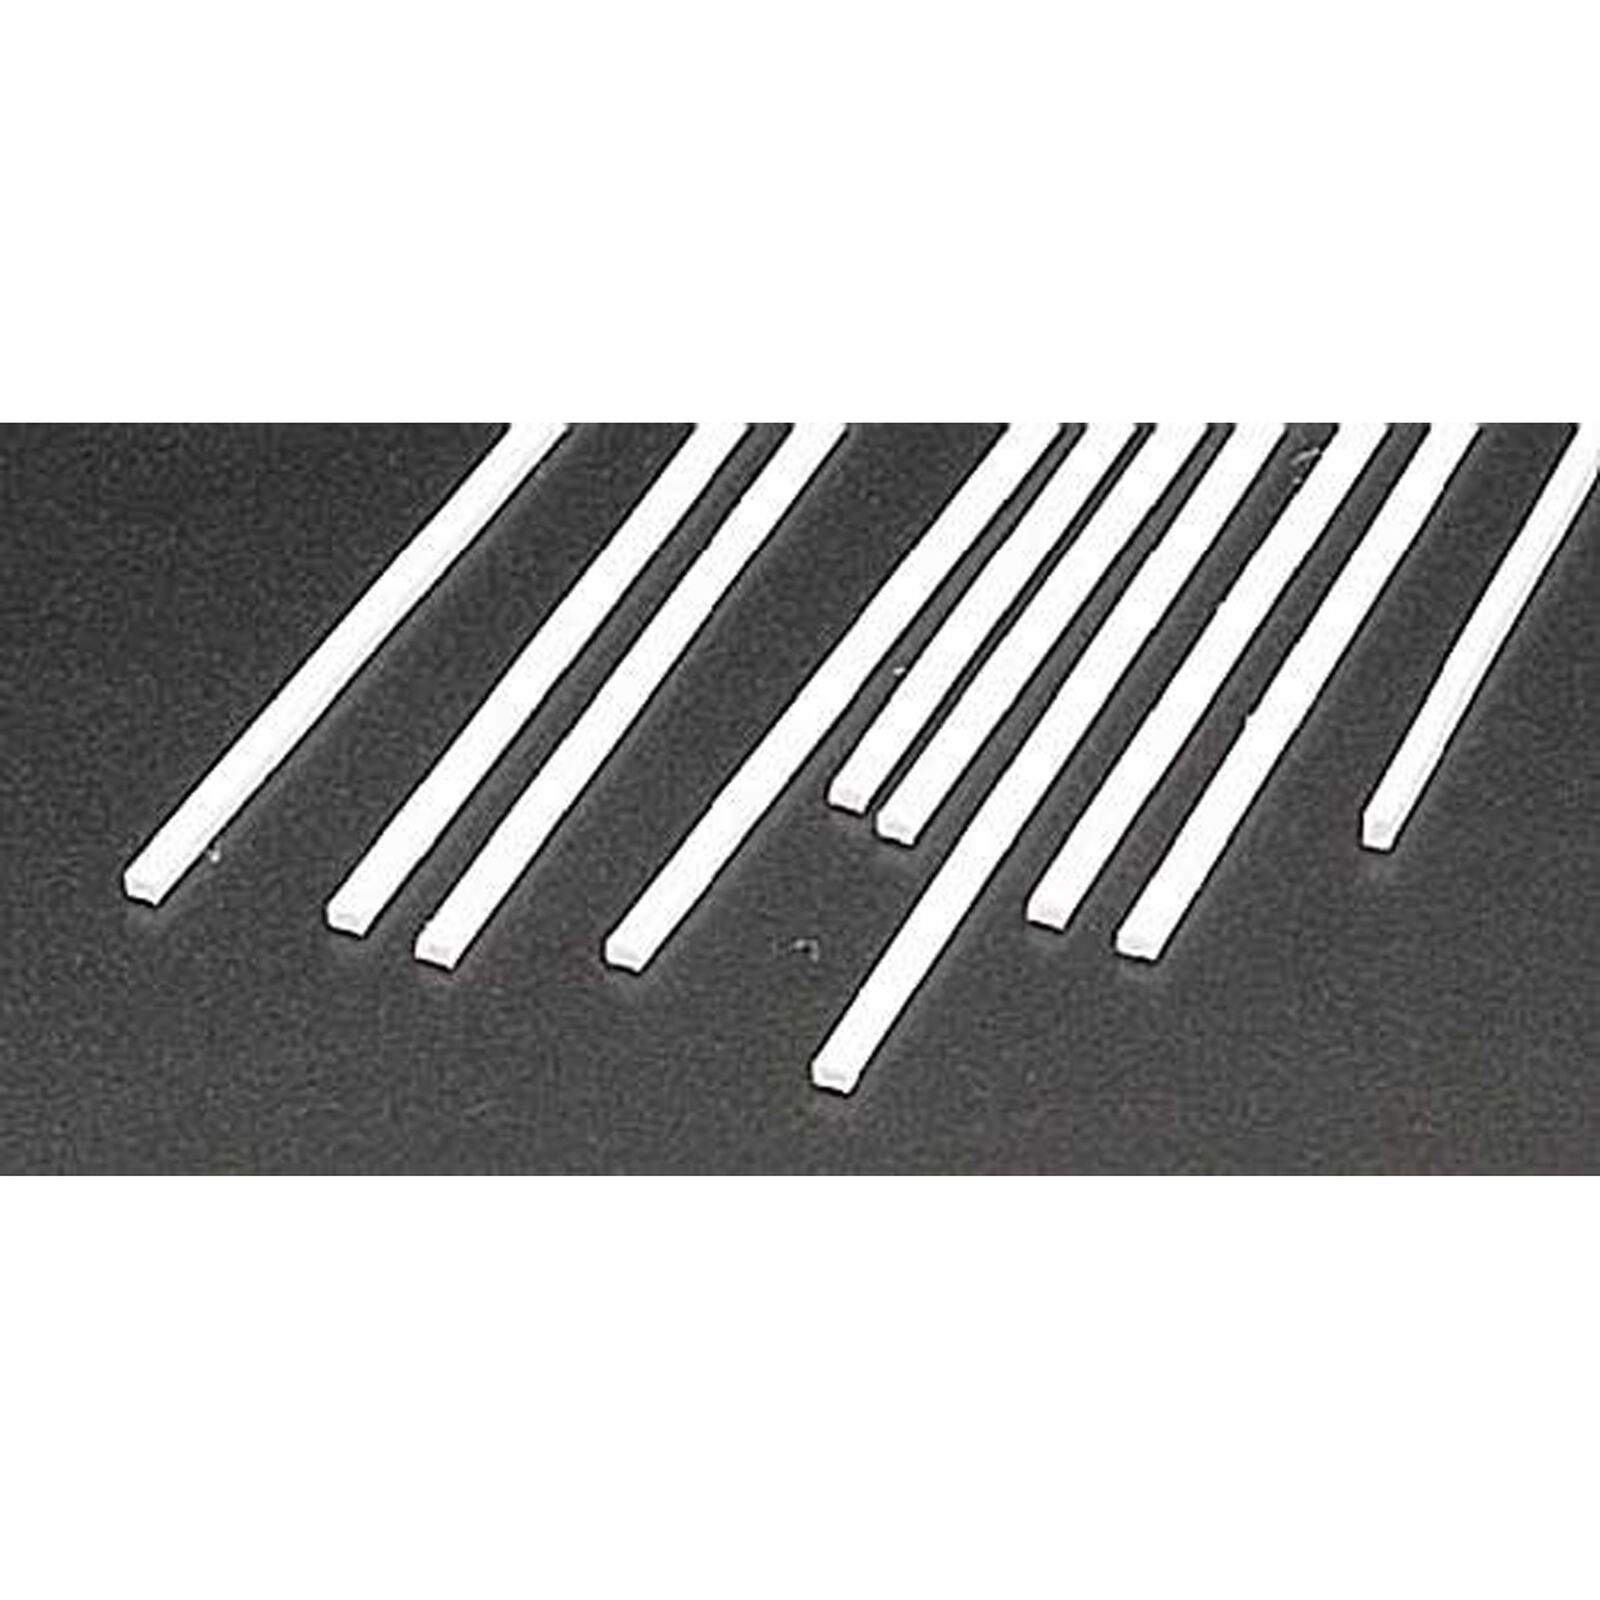 MS-608 Rect Strip,.060x.080 (10)